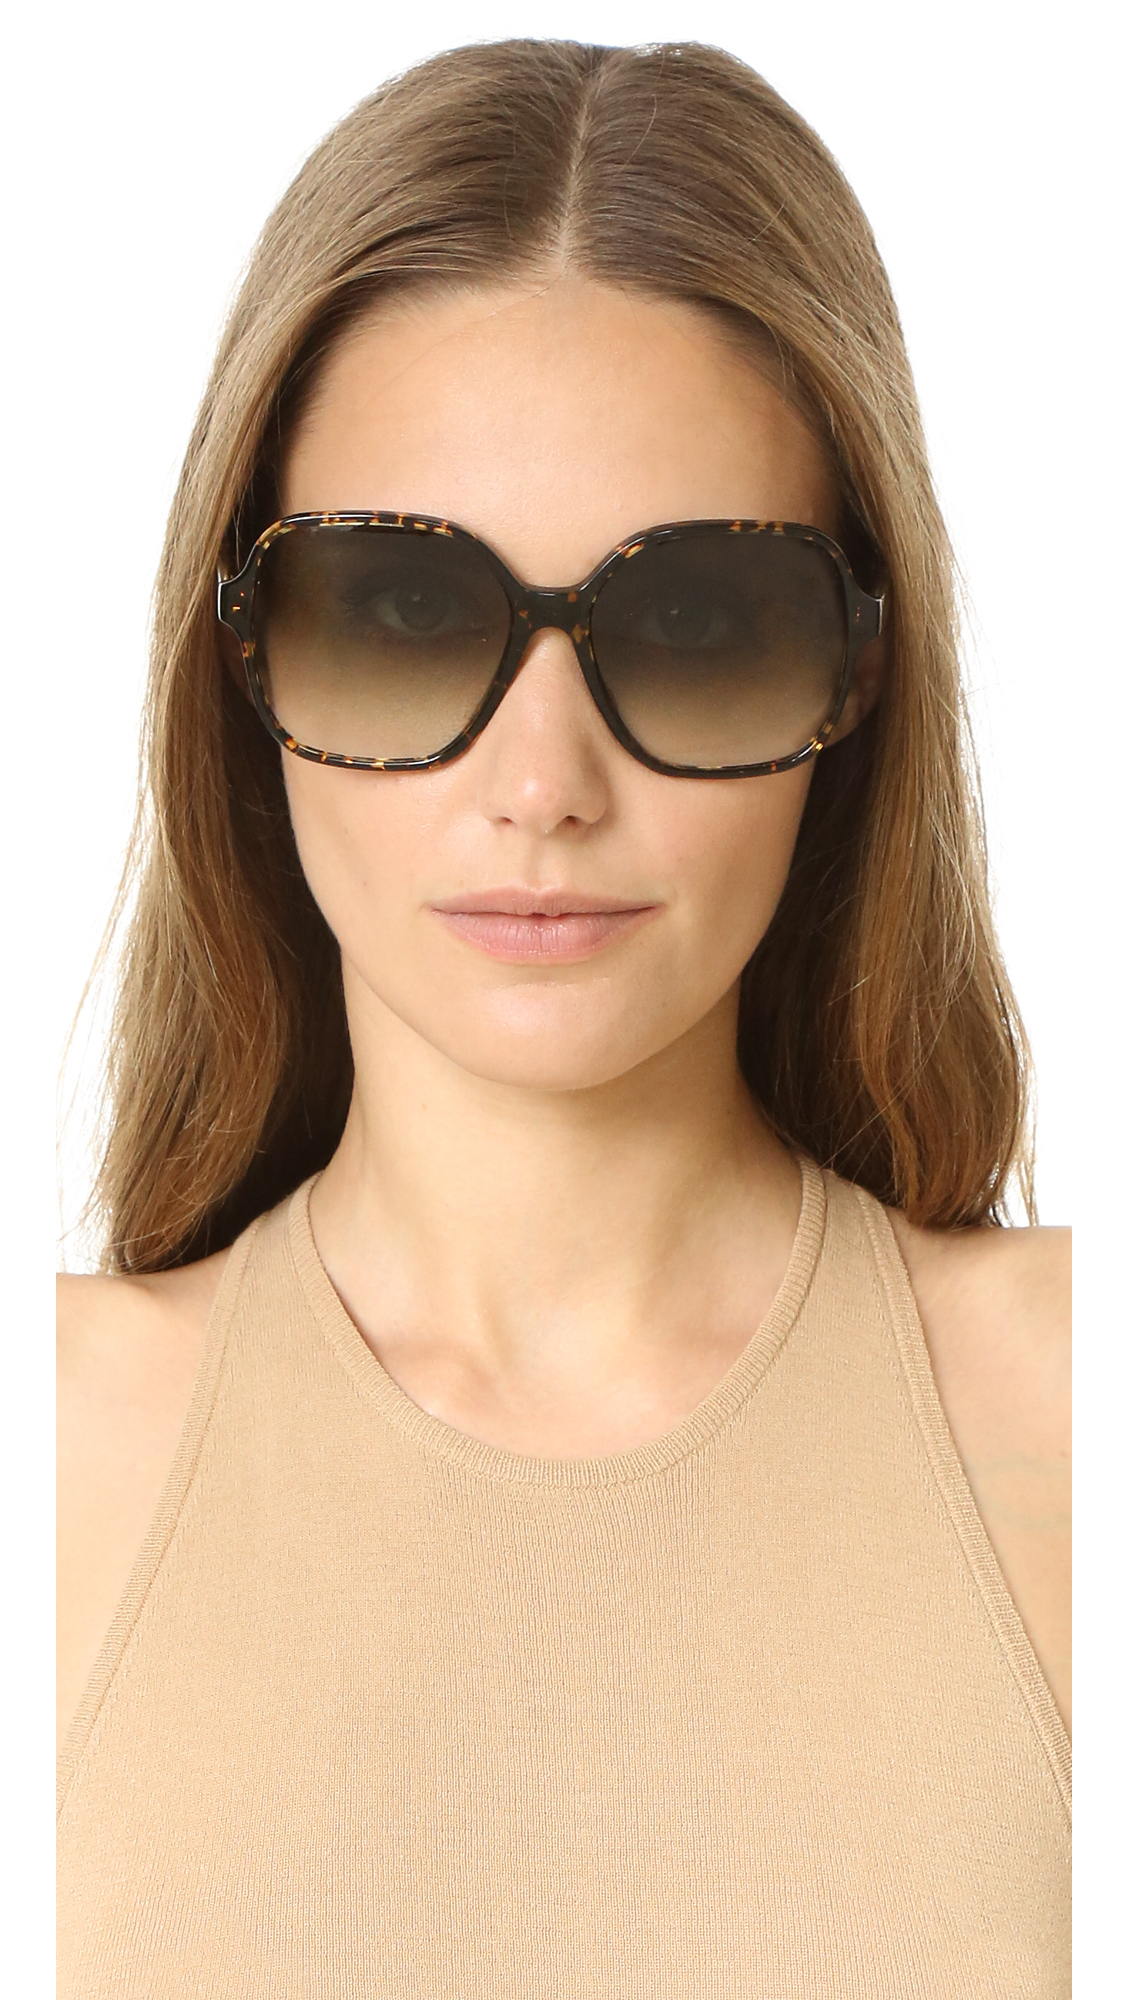 f5aec38b134 Victoria Beckham Iconic Square Sunglasses